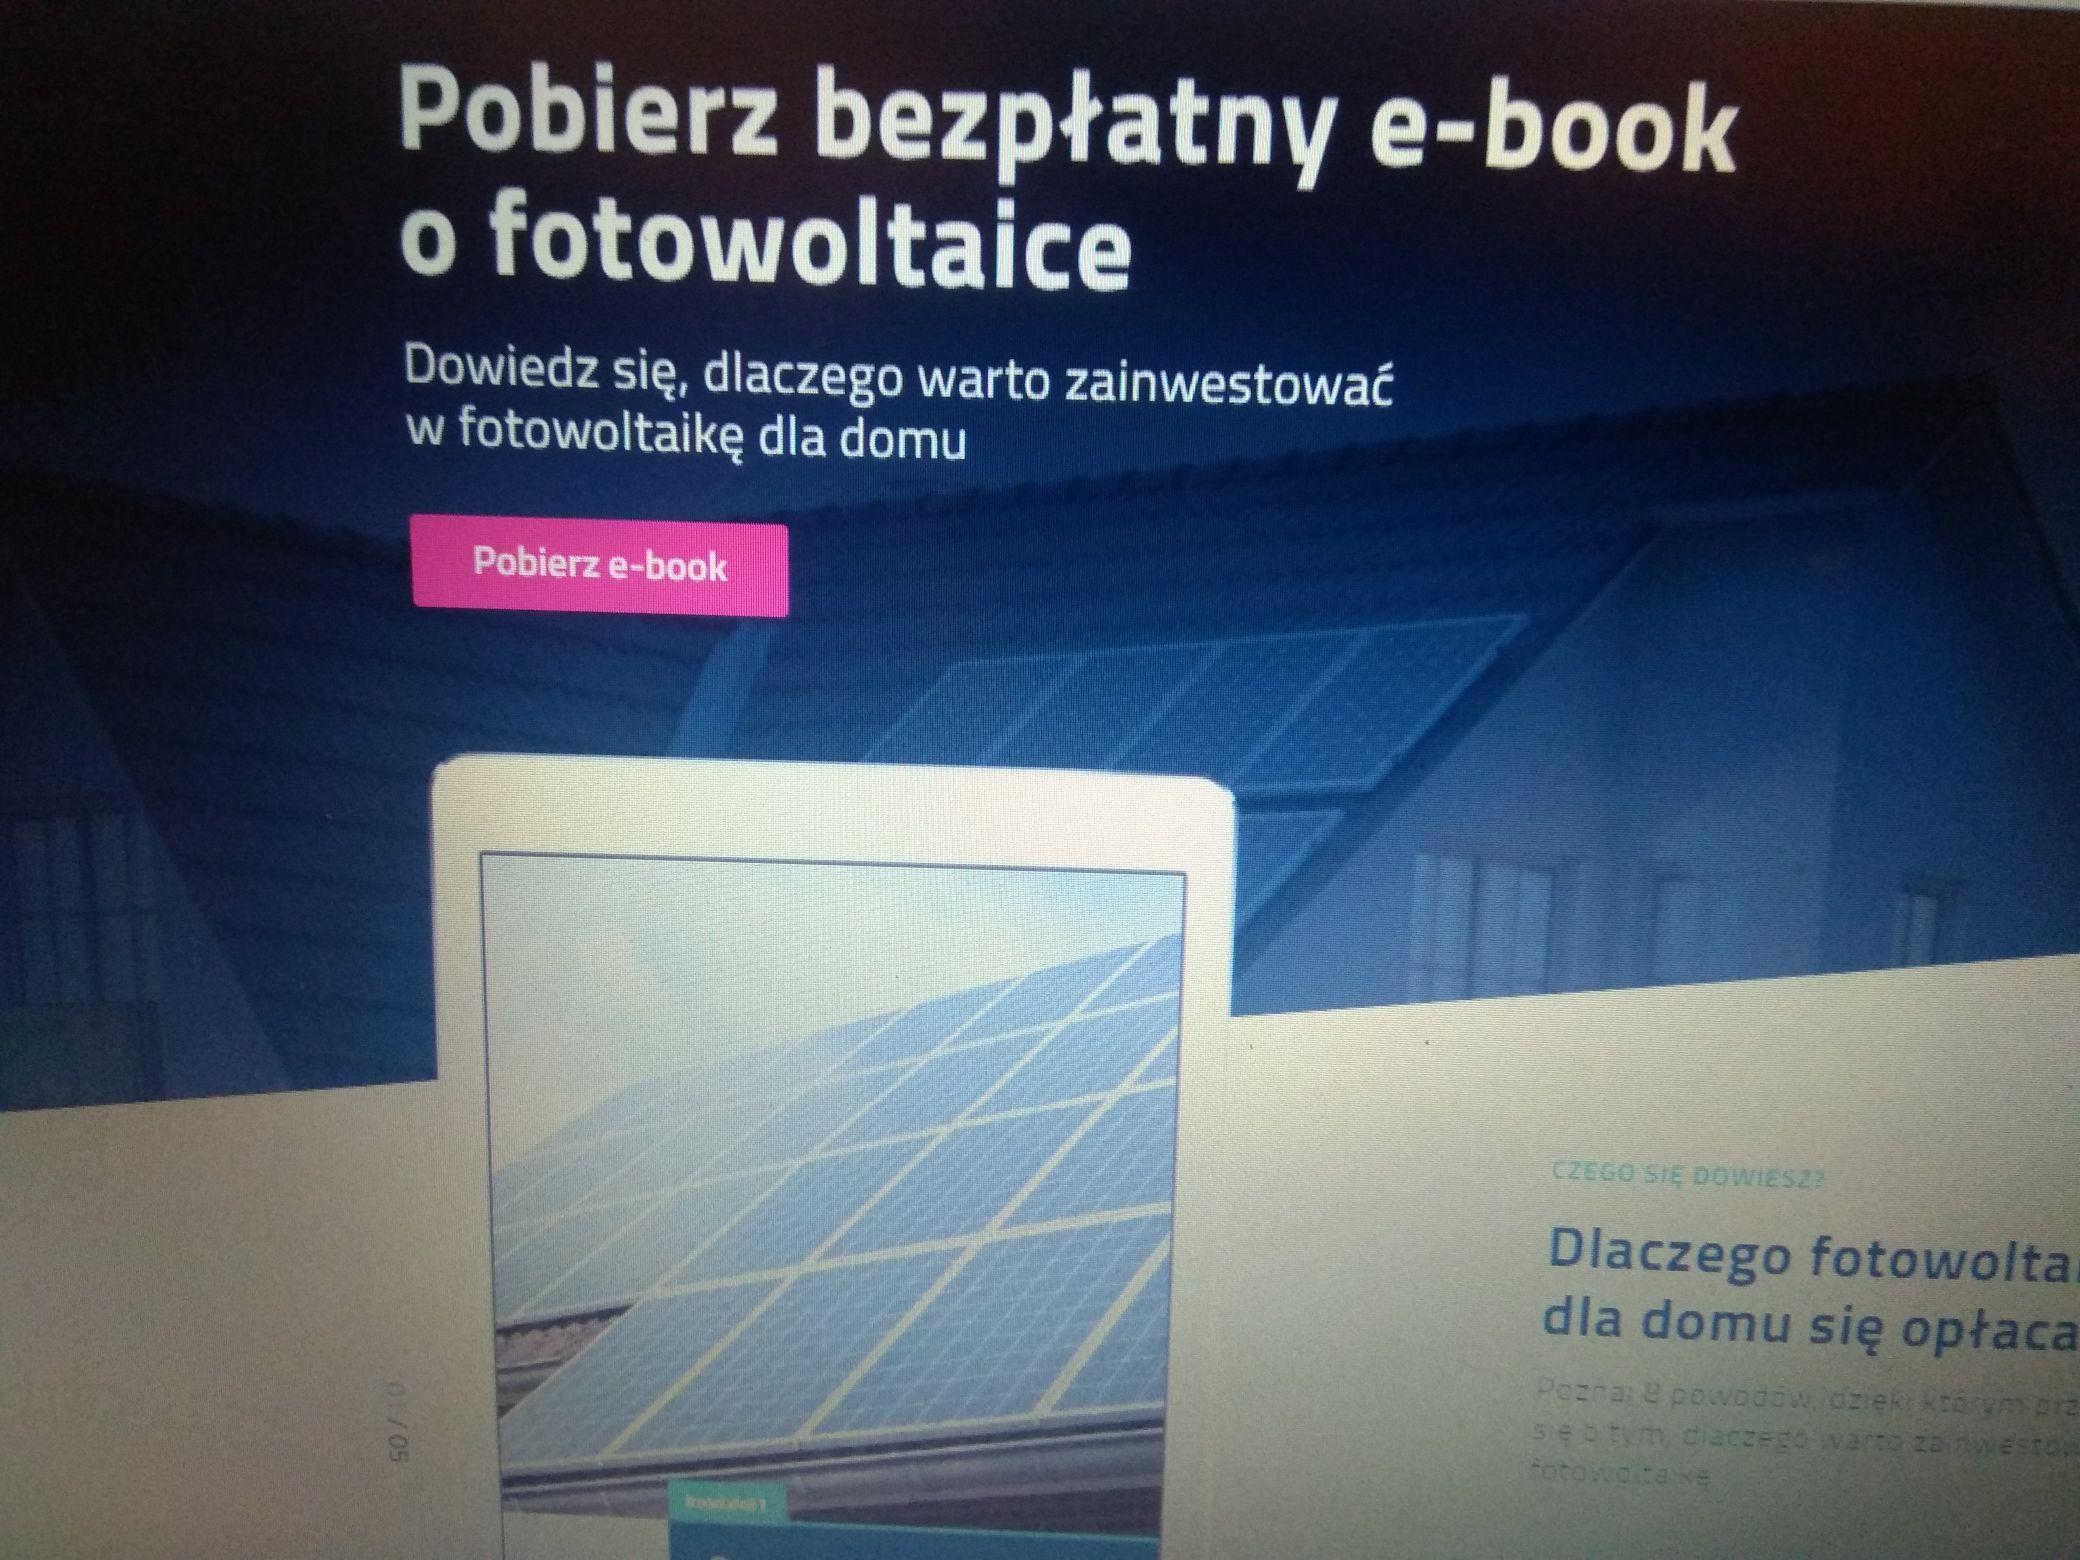 eBook o fotowoltaice